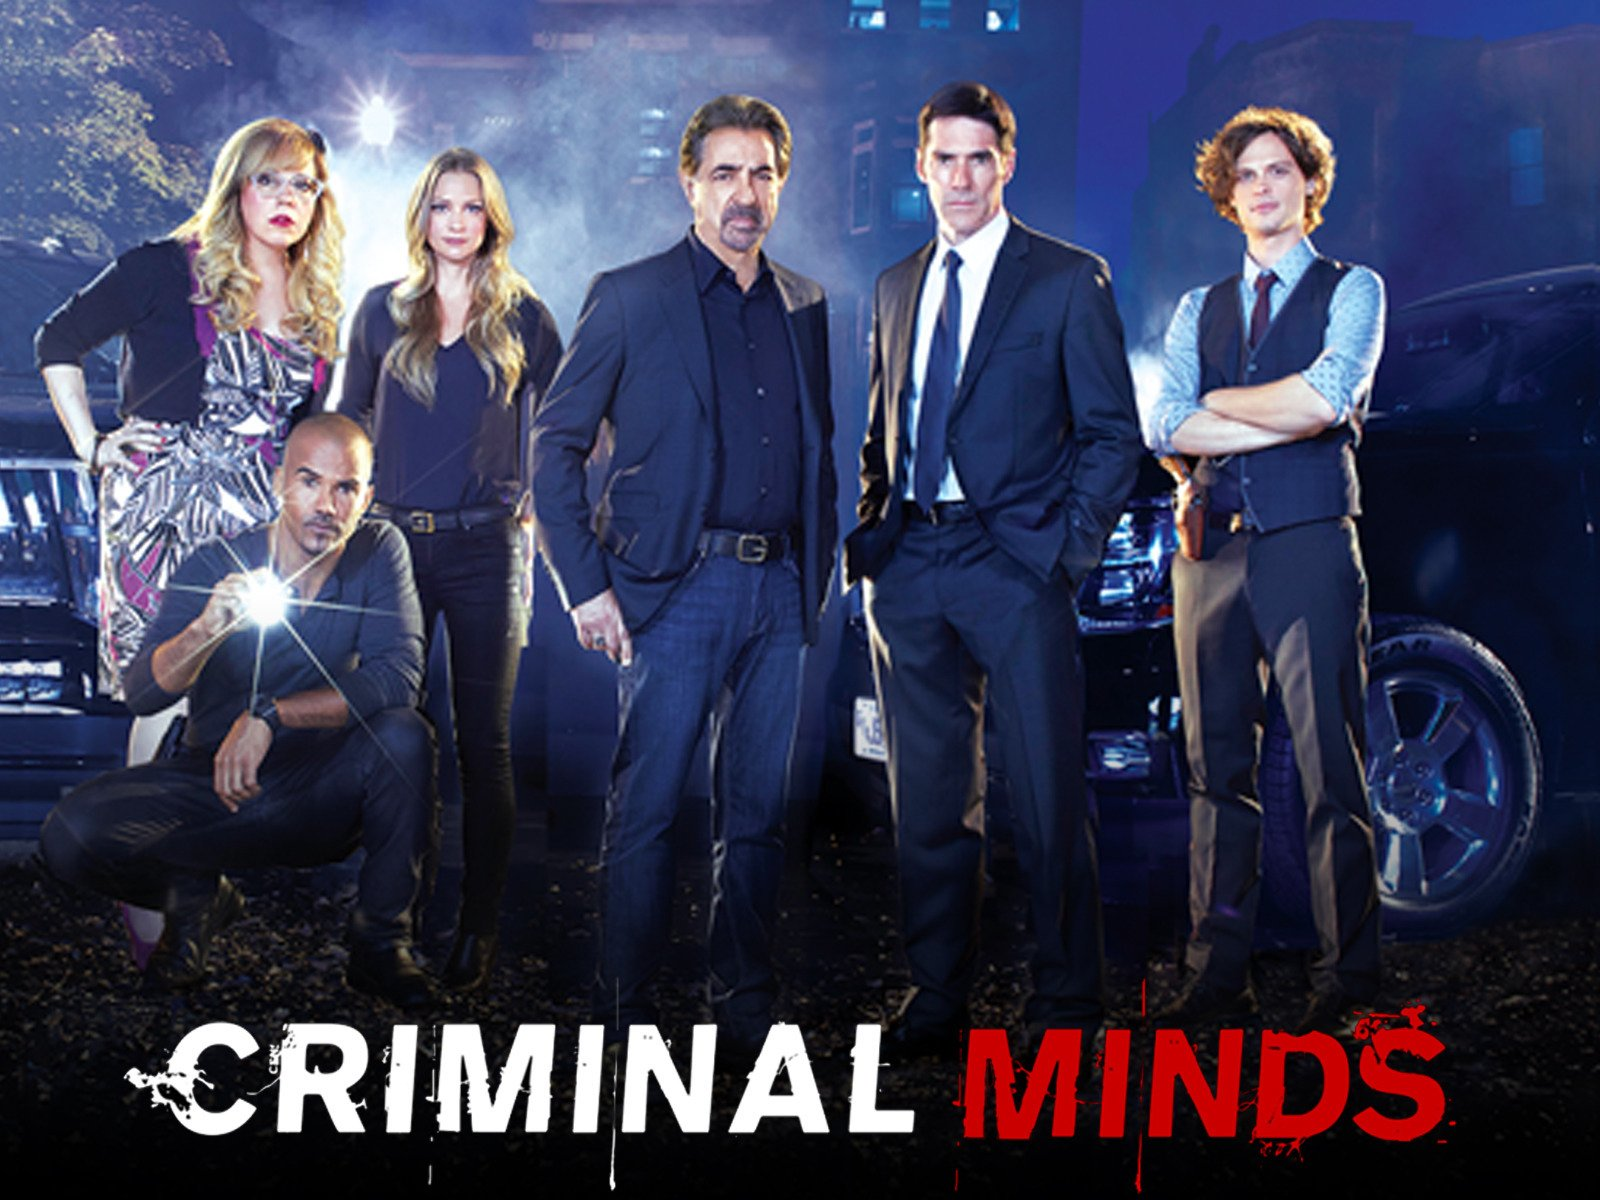 Criminal Minds, Season 11 - Season 11